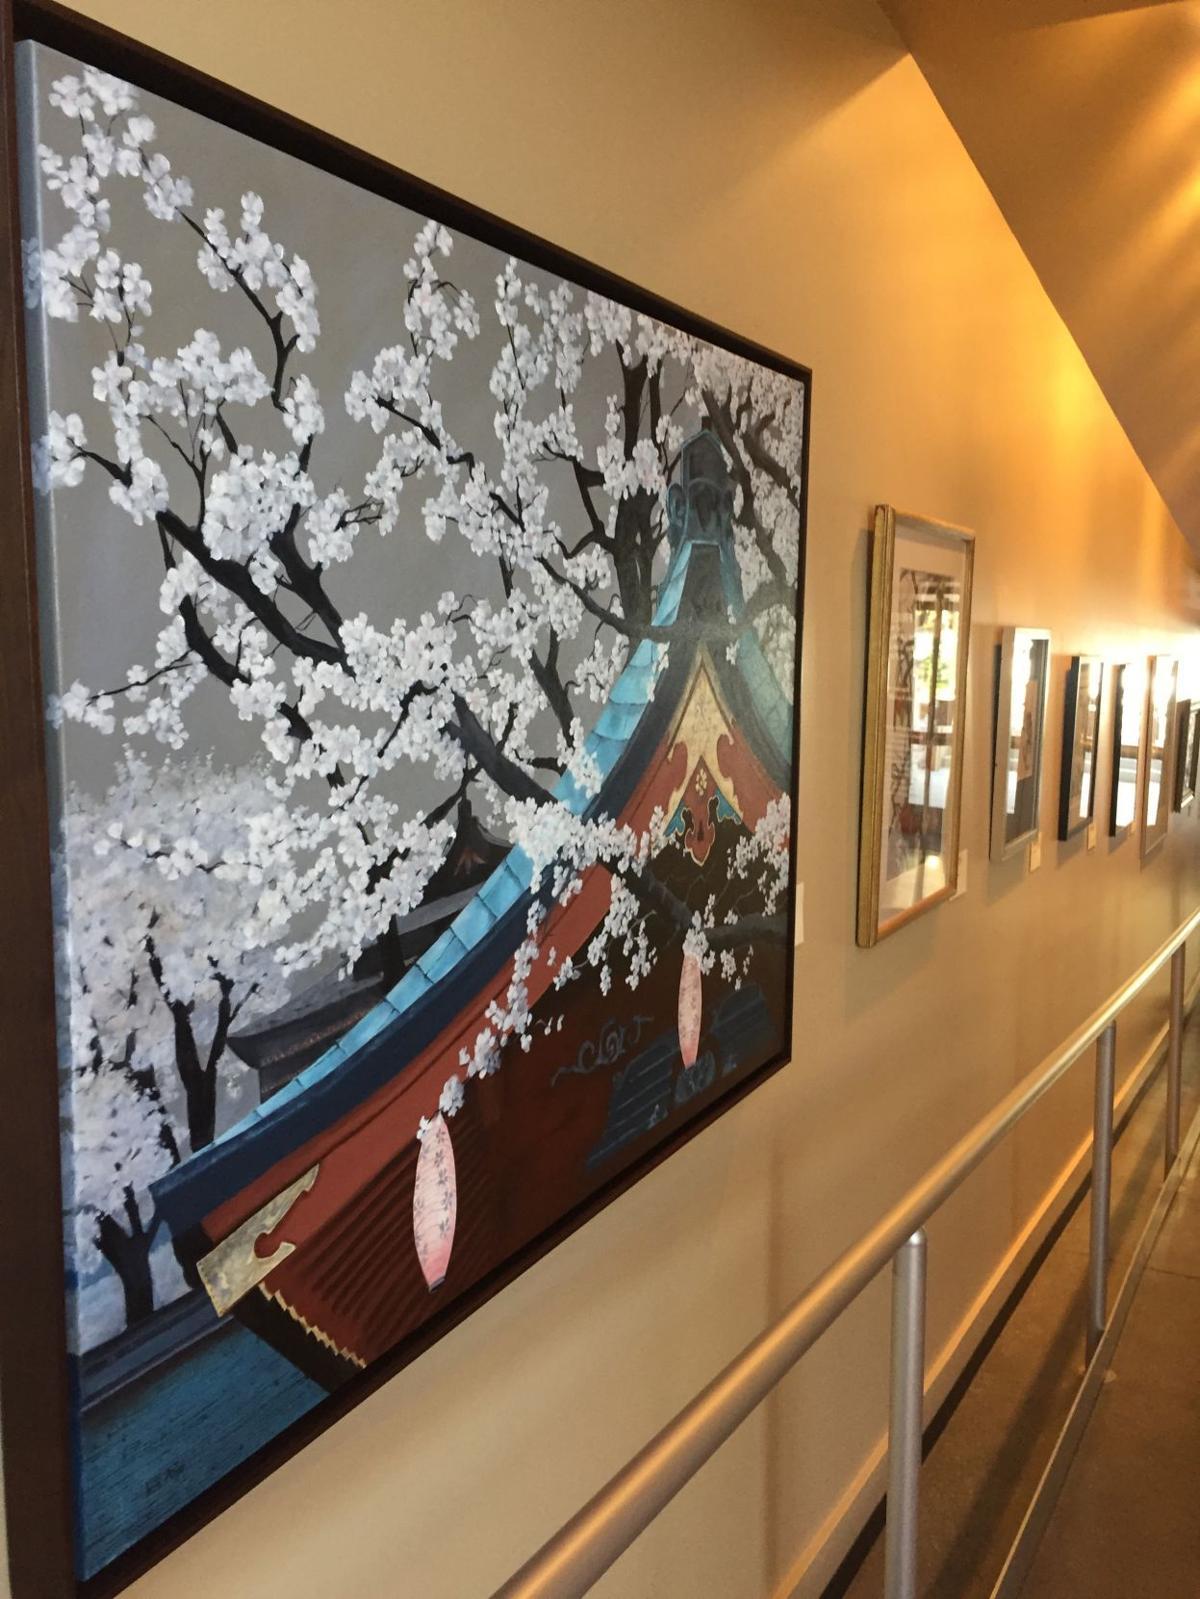 Carnegie Arts Center Exhibition